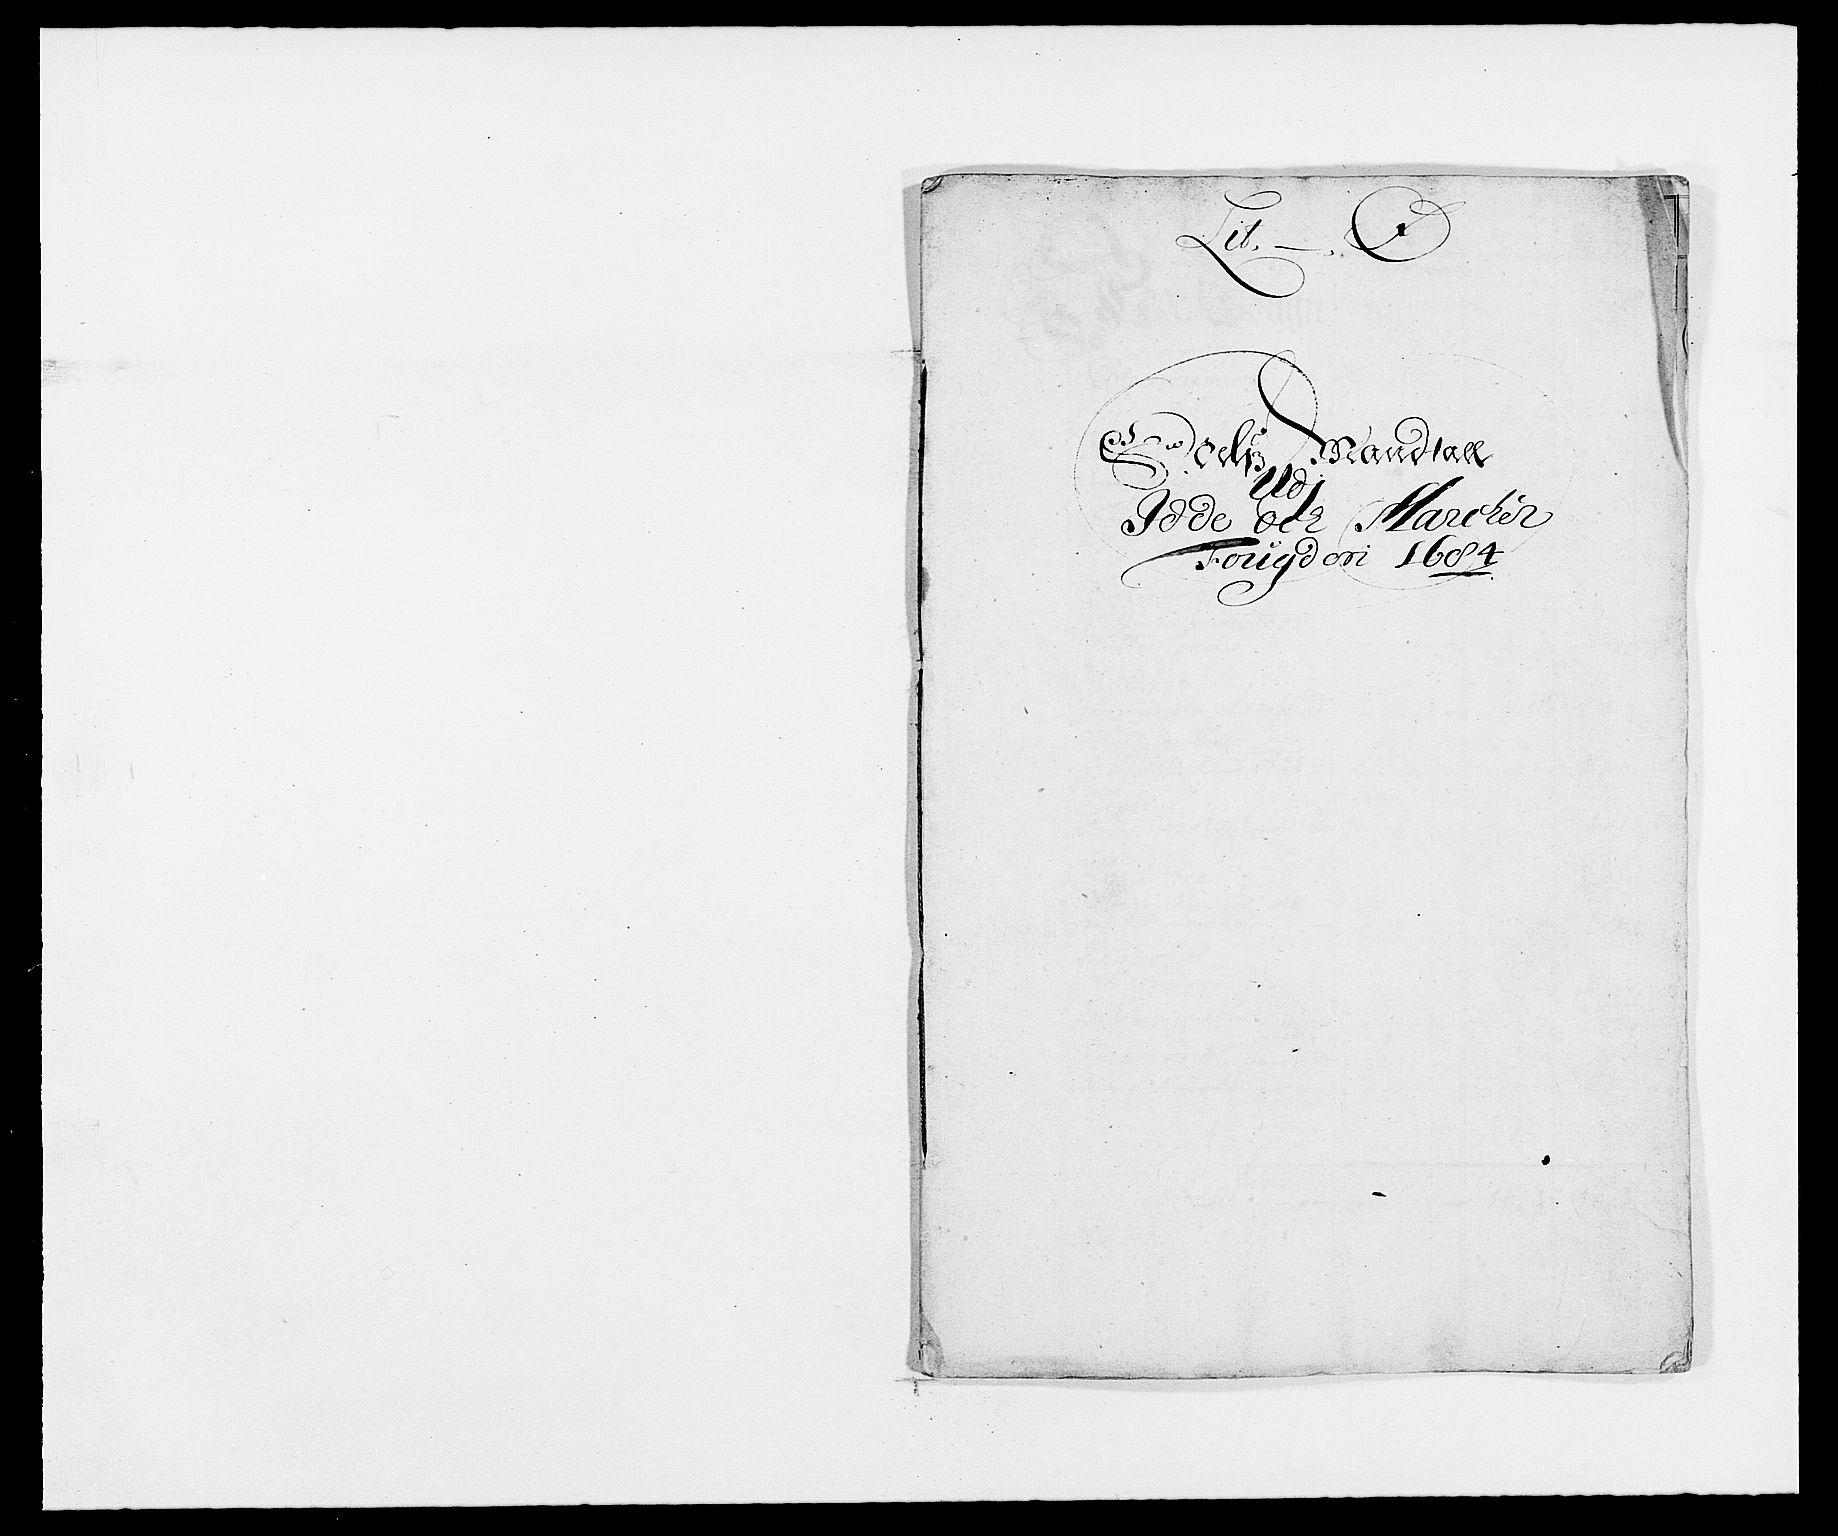 RA, Rentekammeret inntil 1814, Reviderte regnskaper, Fogderegnskap, R01/L0005: Fogderegnskap Idd og Marker , 1682-1684, s. 70